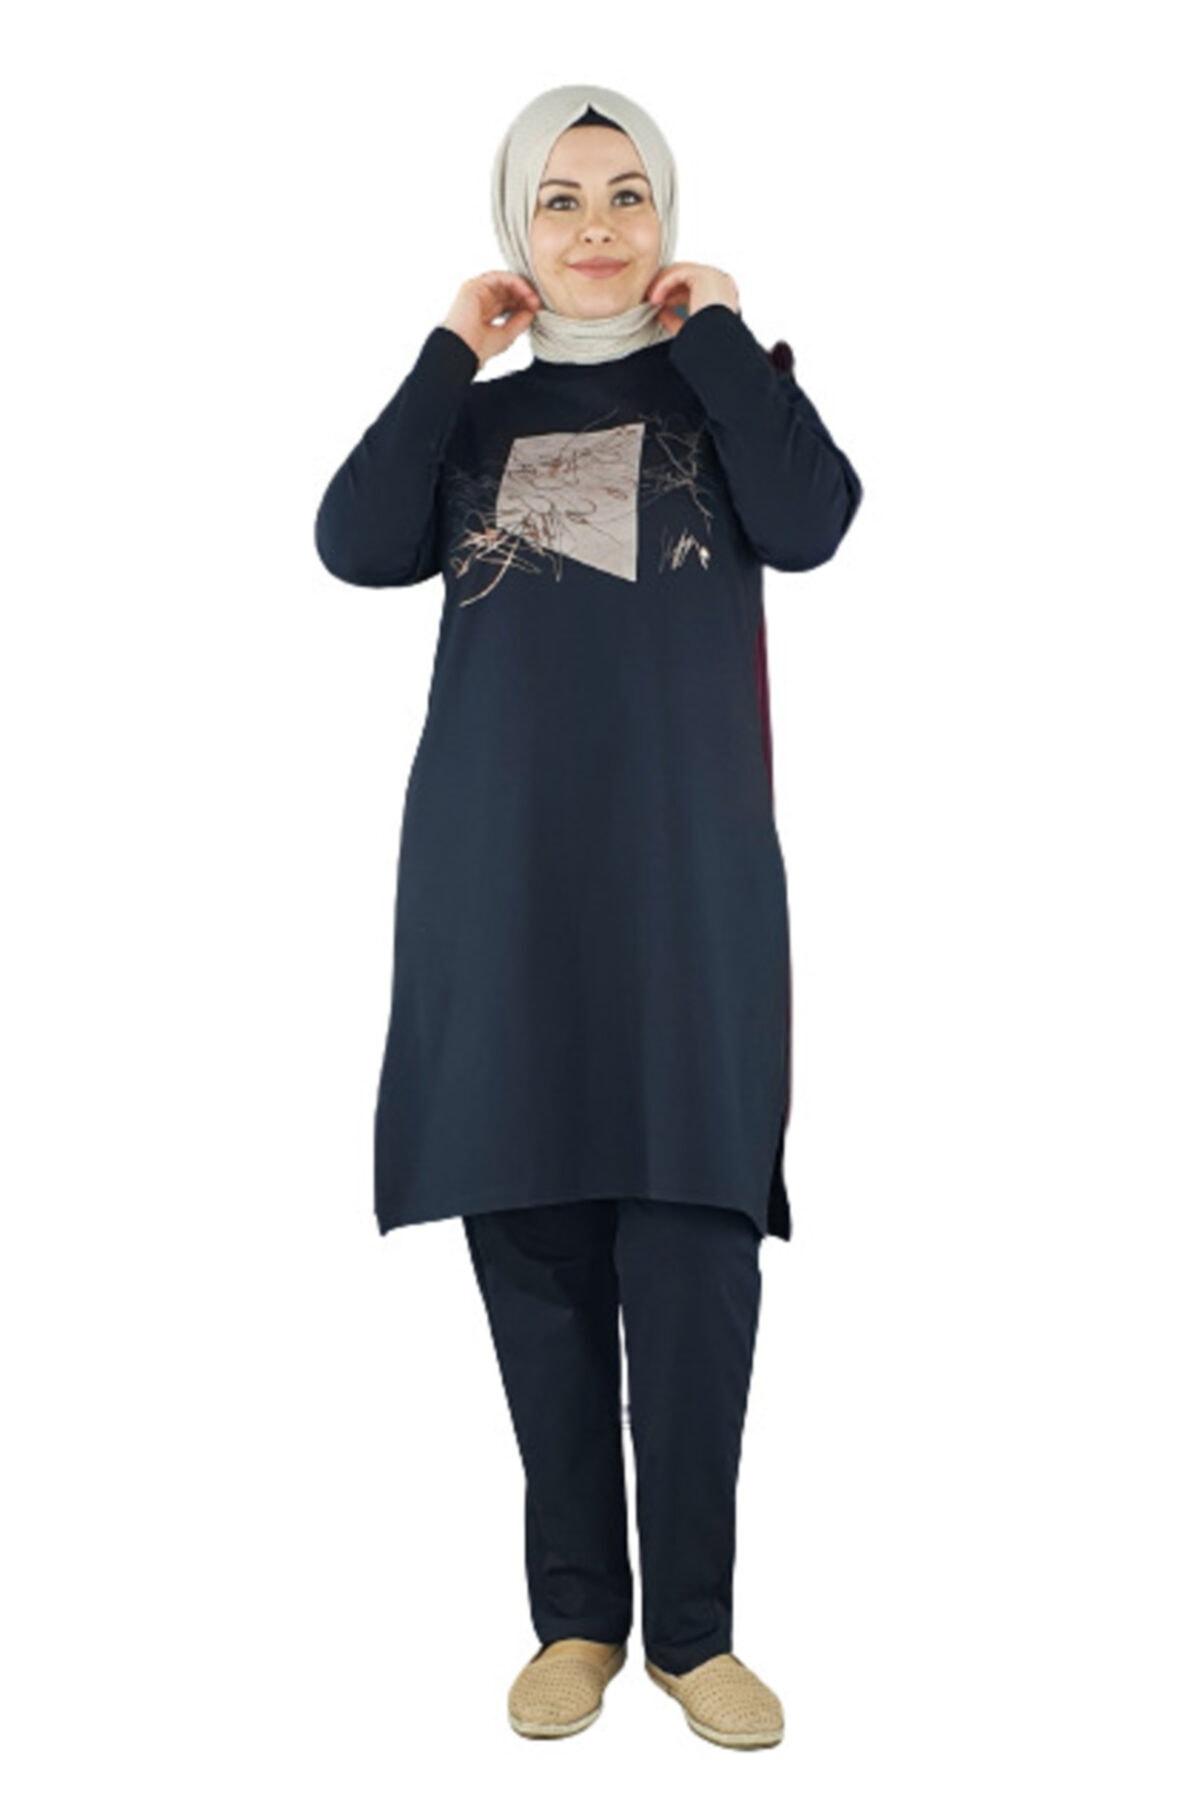 PYS Giyim Kadın Siyah Önü Baskılı Tesettür Takım 6303-50 1